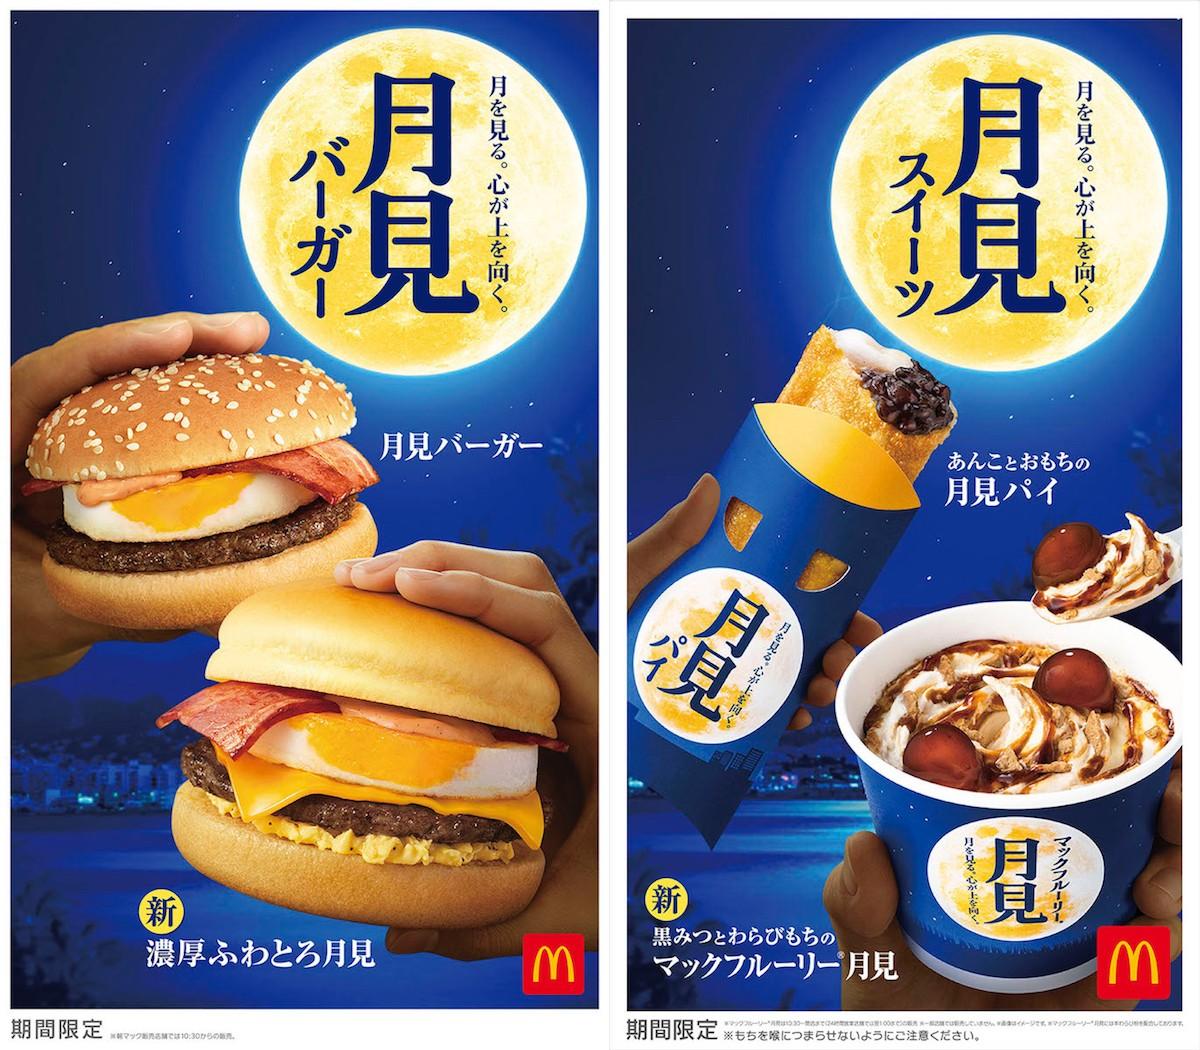 マクドナルド、本日より月見バーガー発売!「濃厚ふわとろ月見」新登場